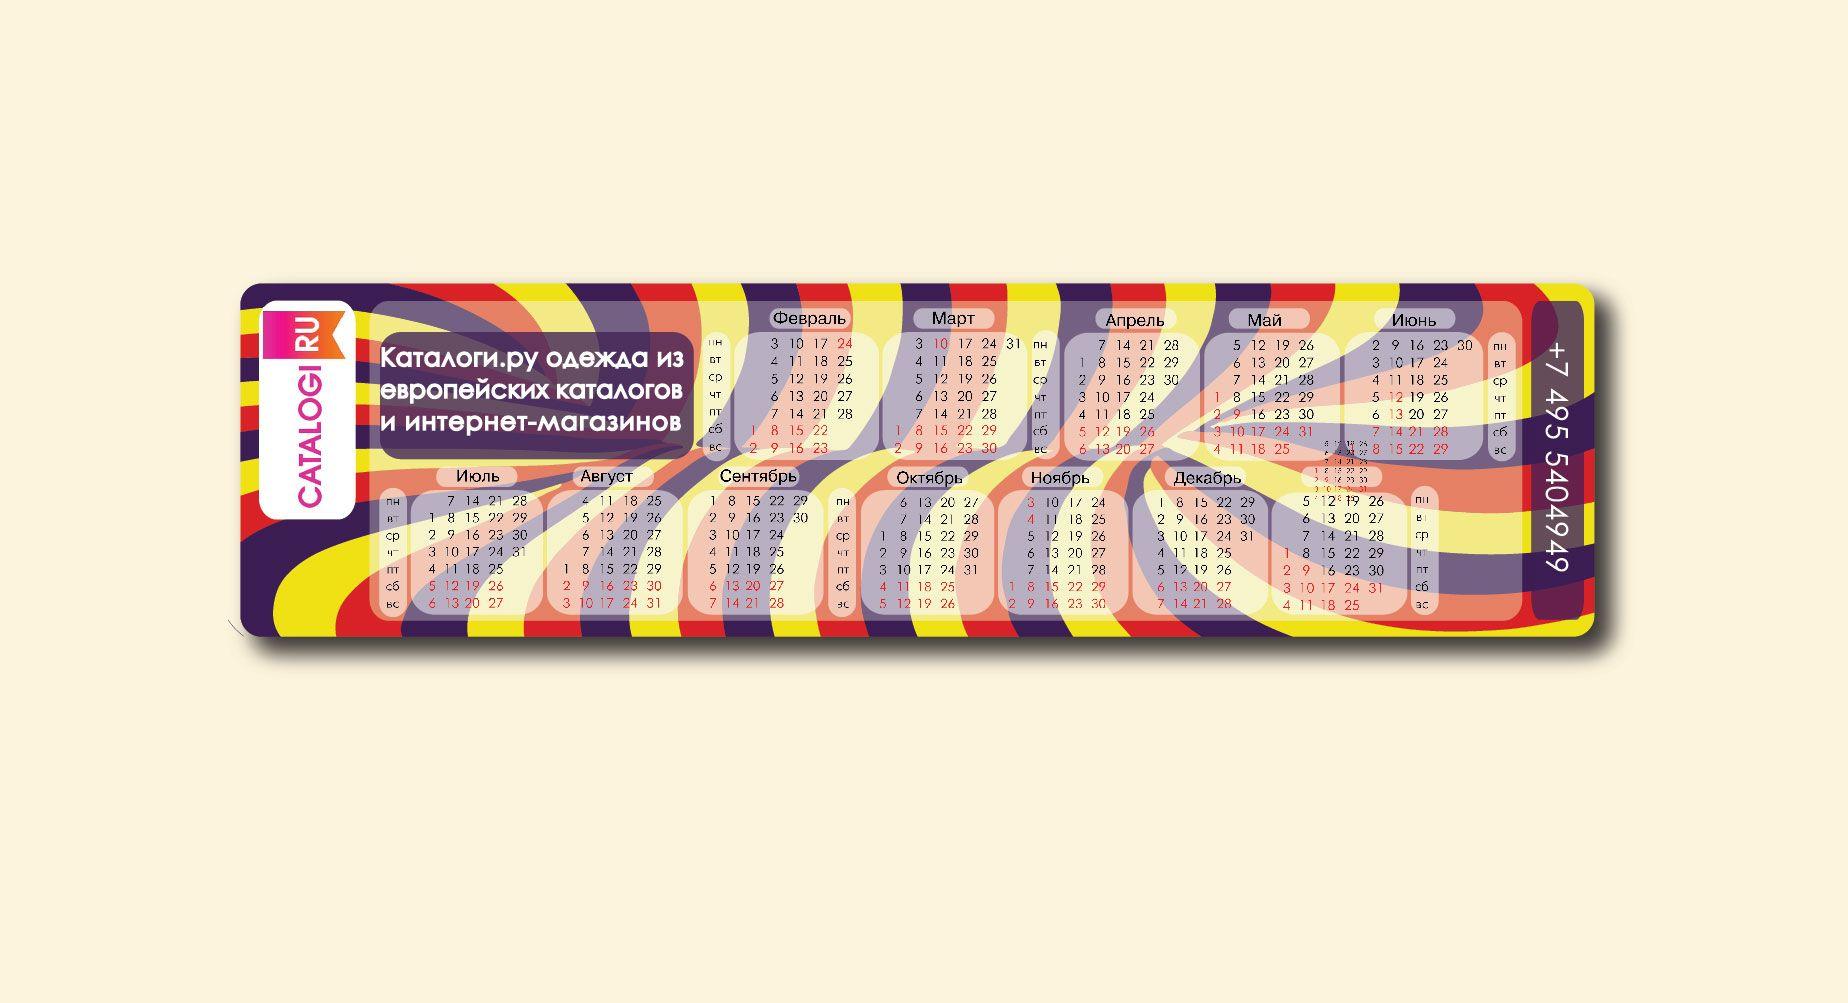 Календарик на монитор Catalogi.ru - дизайнер Maria1313